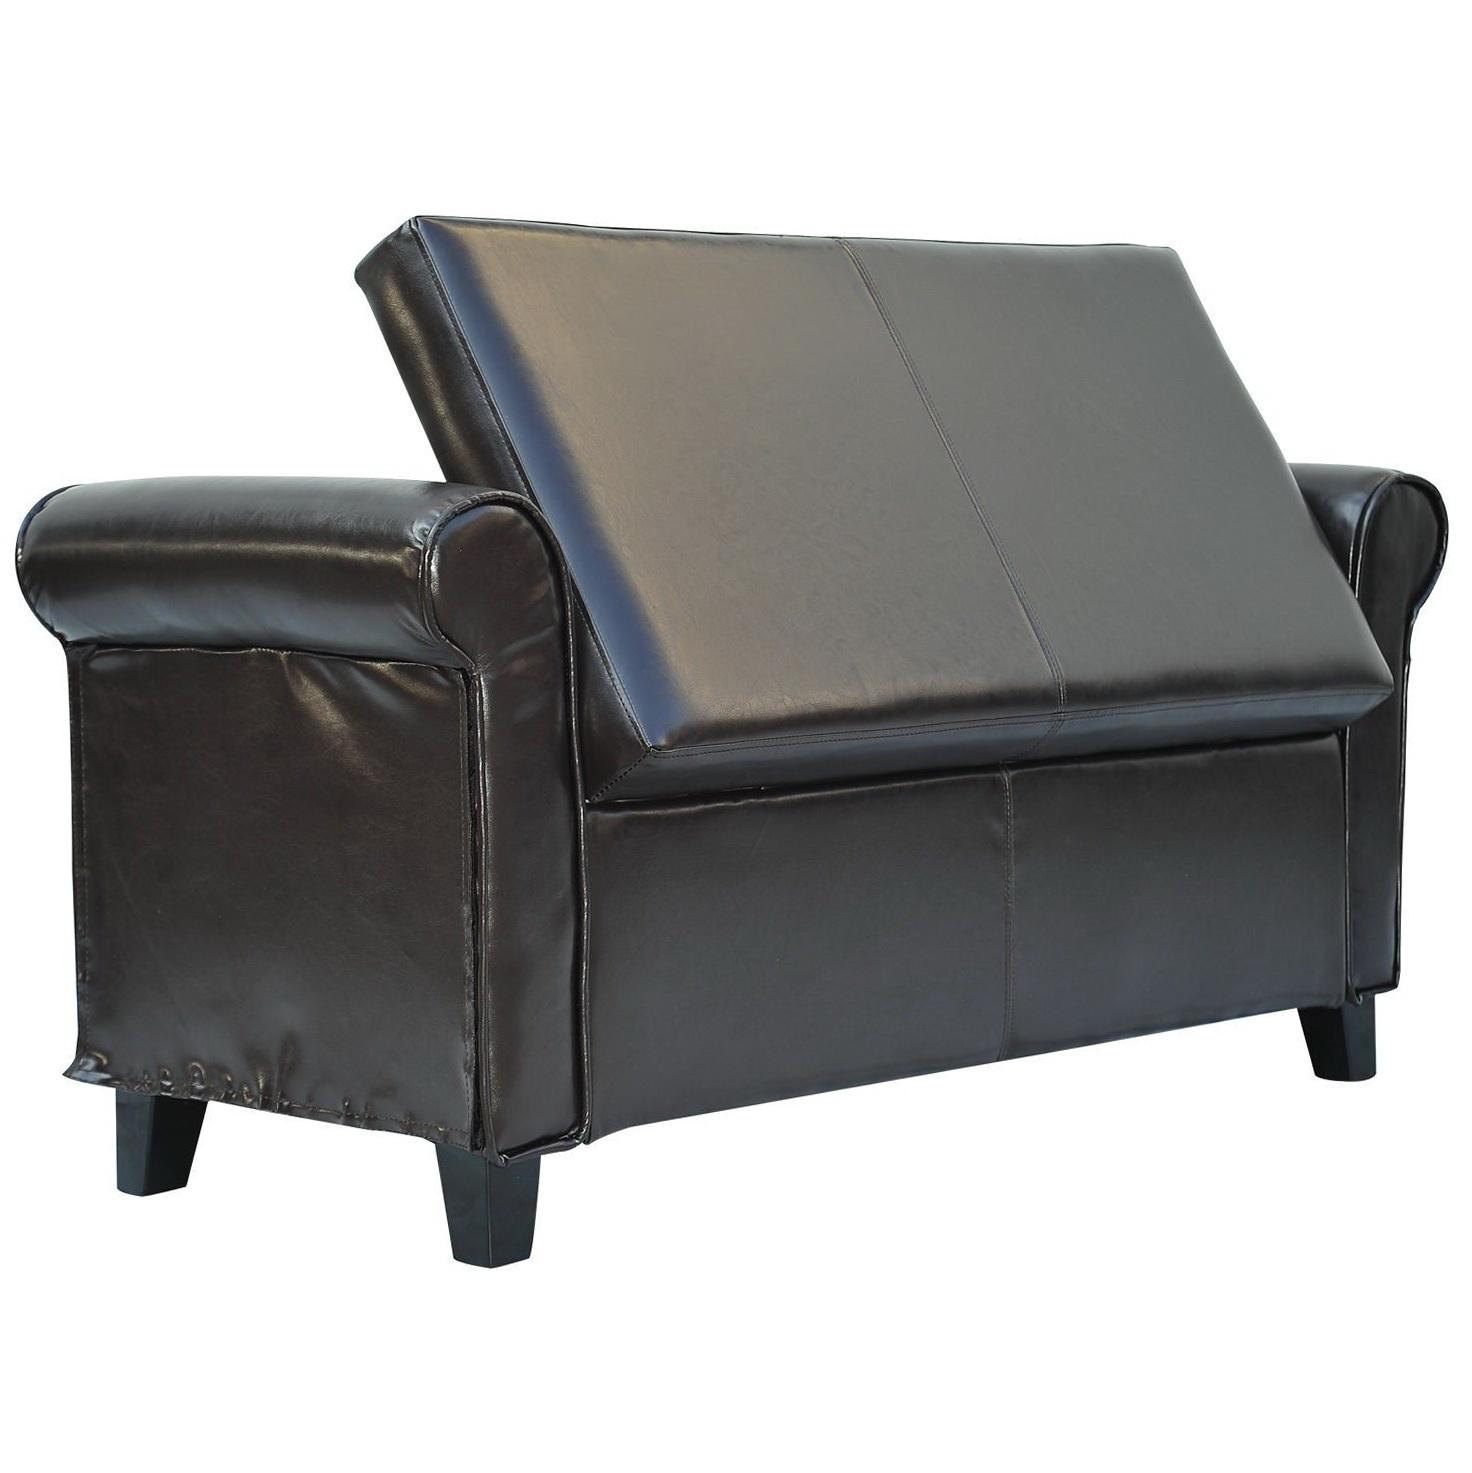 Modern Storage Bench Seat Home Design Ideas